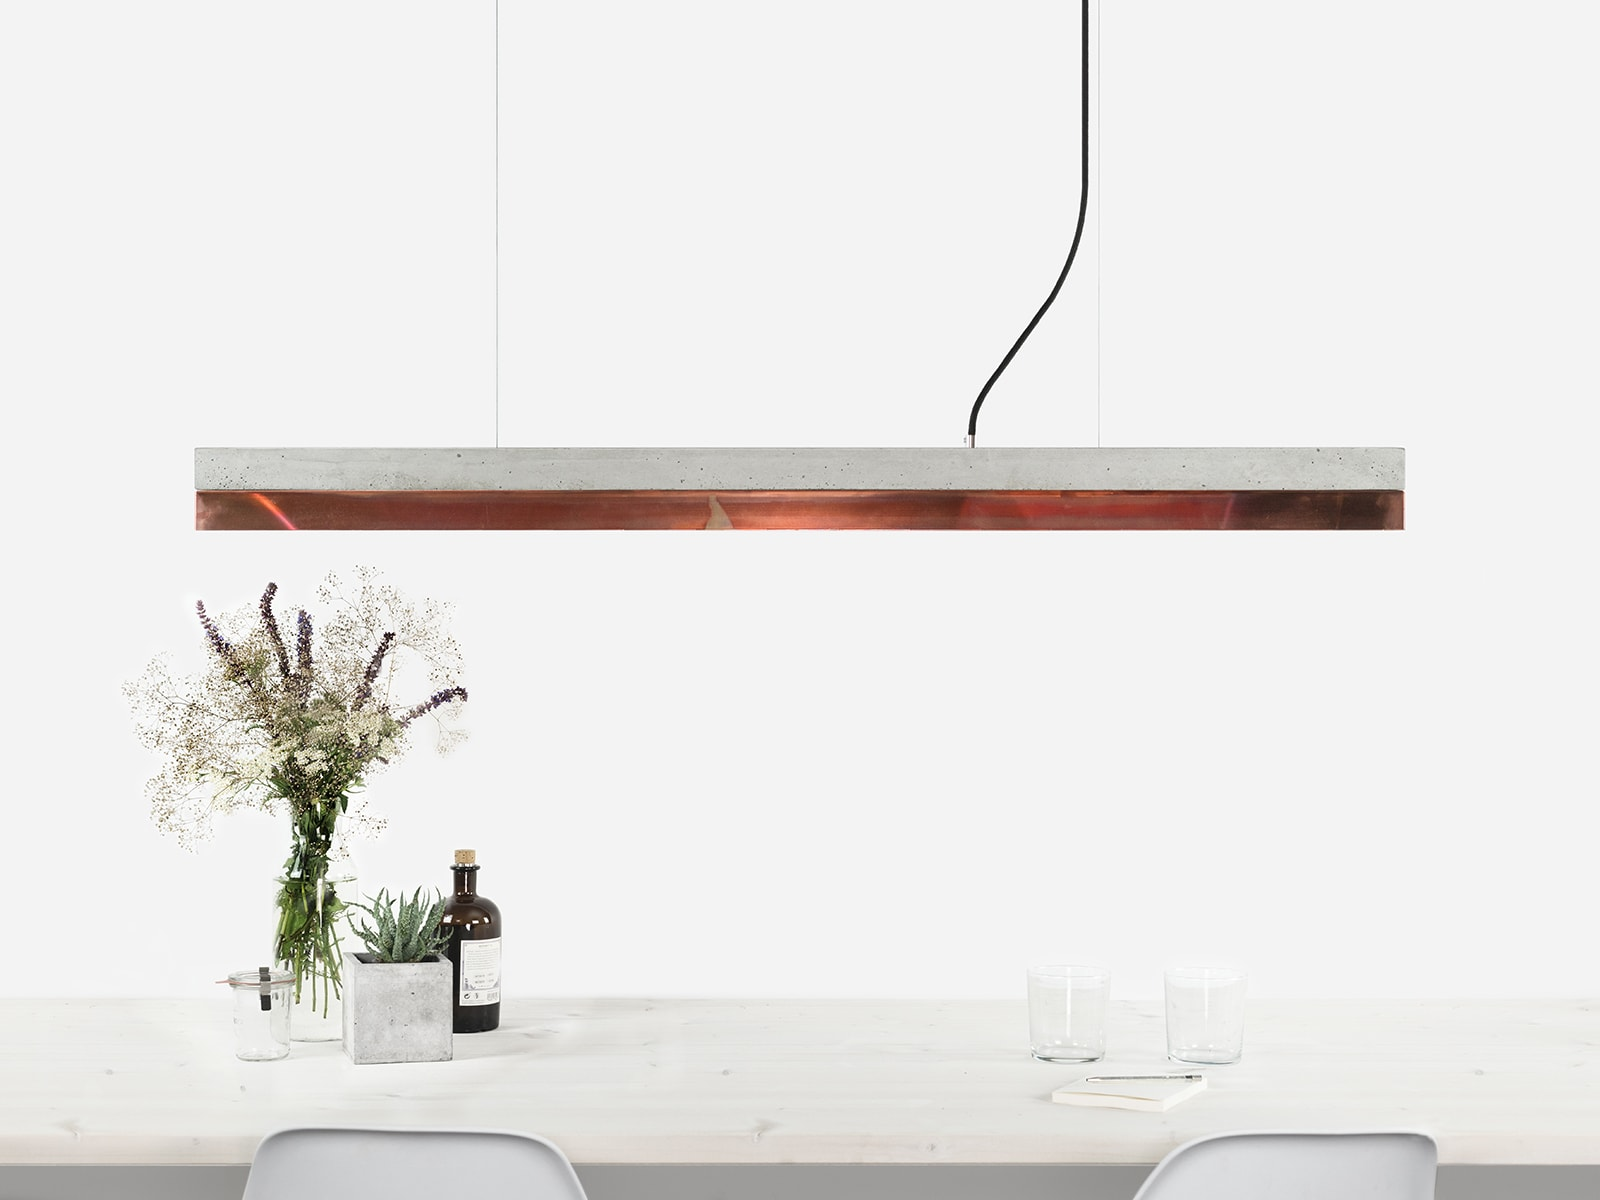 090916 C1 Beton hell Kupfer angelaufen Lampe ansicht ueber Tisch